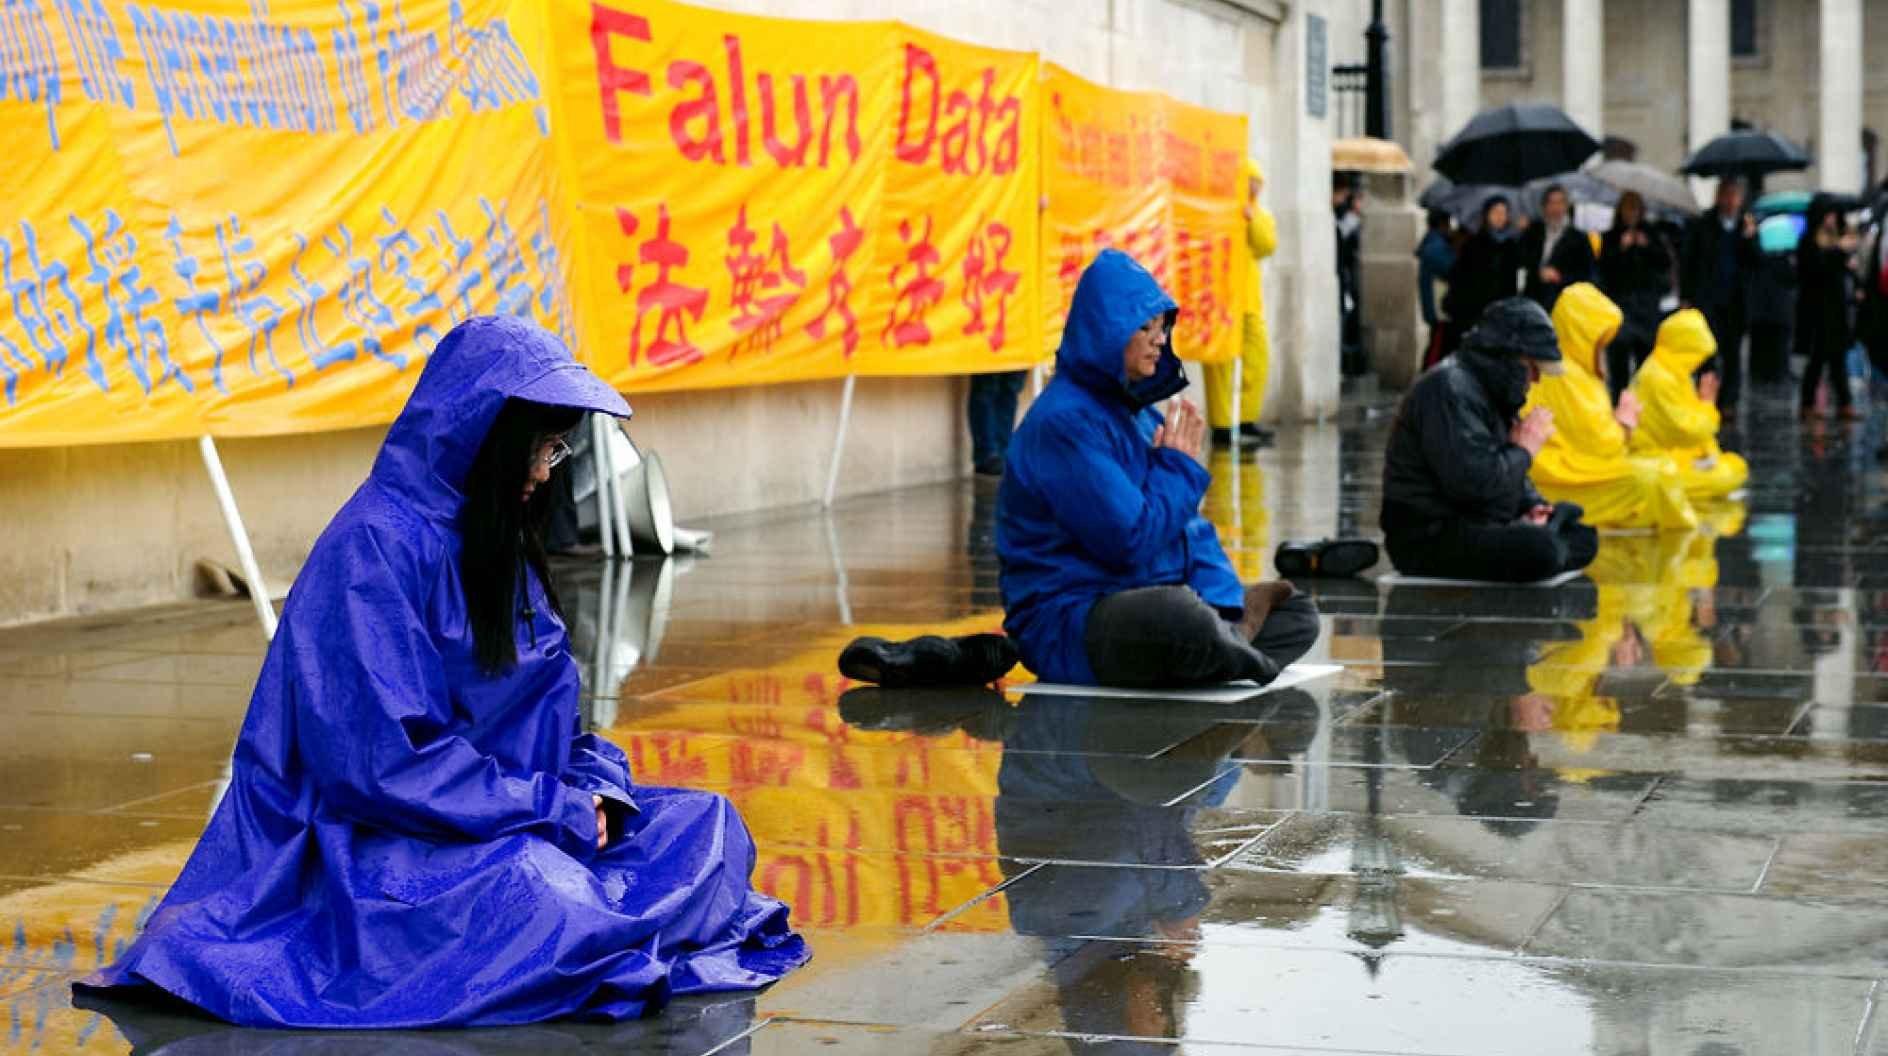 Falun Gong eller Falun Dafa er en af de religiøse bevægelser, der ikke er lovlige i Kina. Trods religionsfrihed på papiret er kun fem religioner anerkendte i landet og kun under skarp statslig kontrol. Alligevel vinder folkereligionen dog stille ind, mener forsker. Billedet er fra en demonstration i London den 28. april 2012.